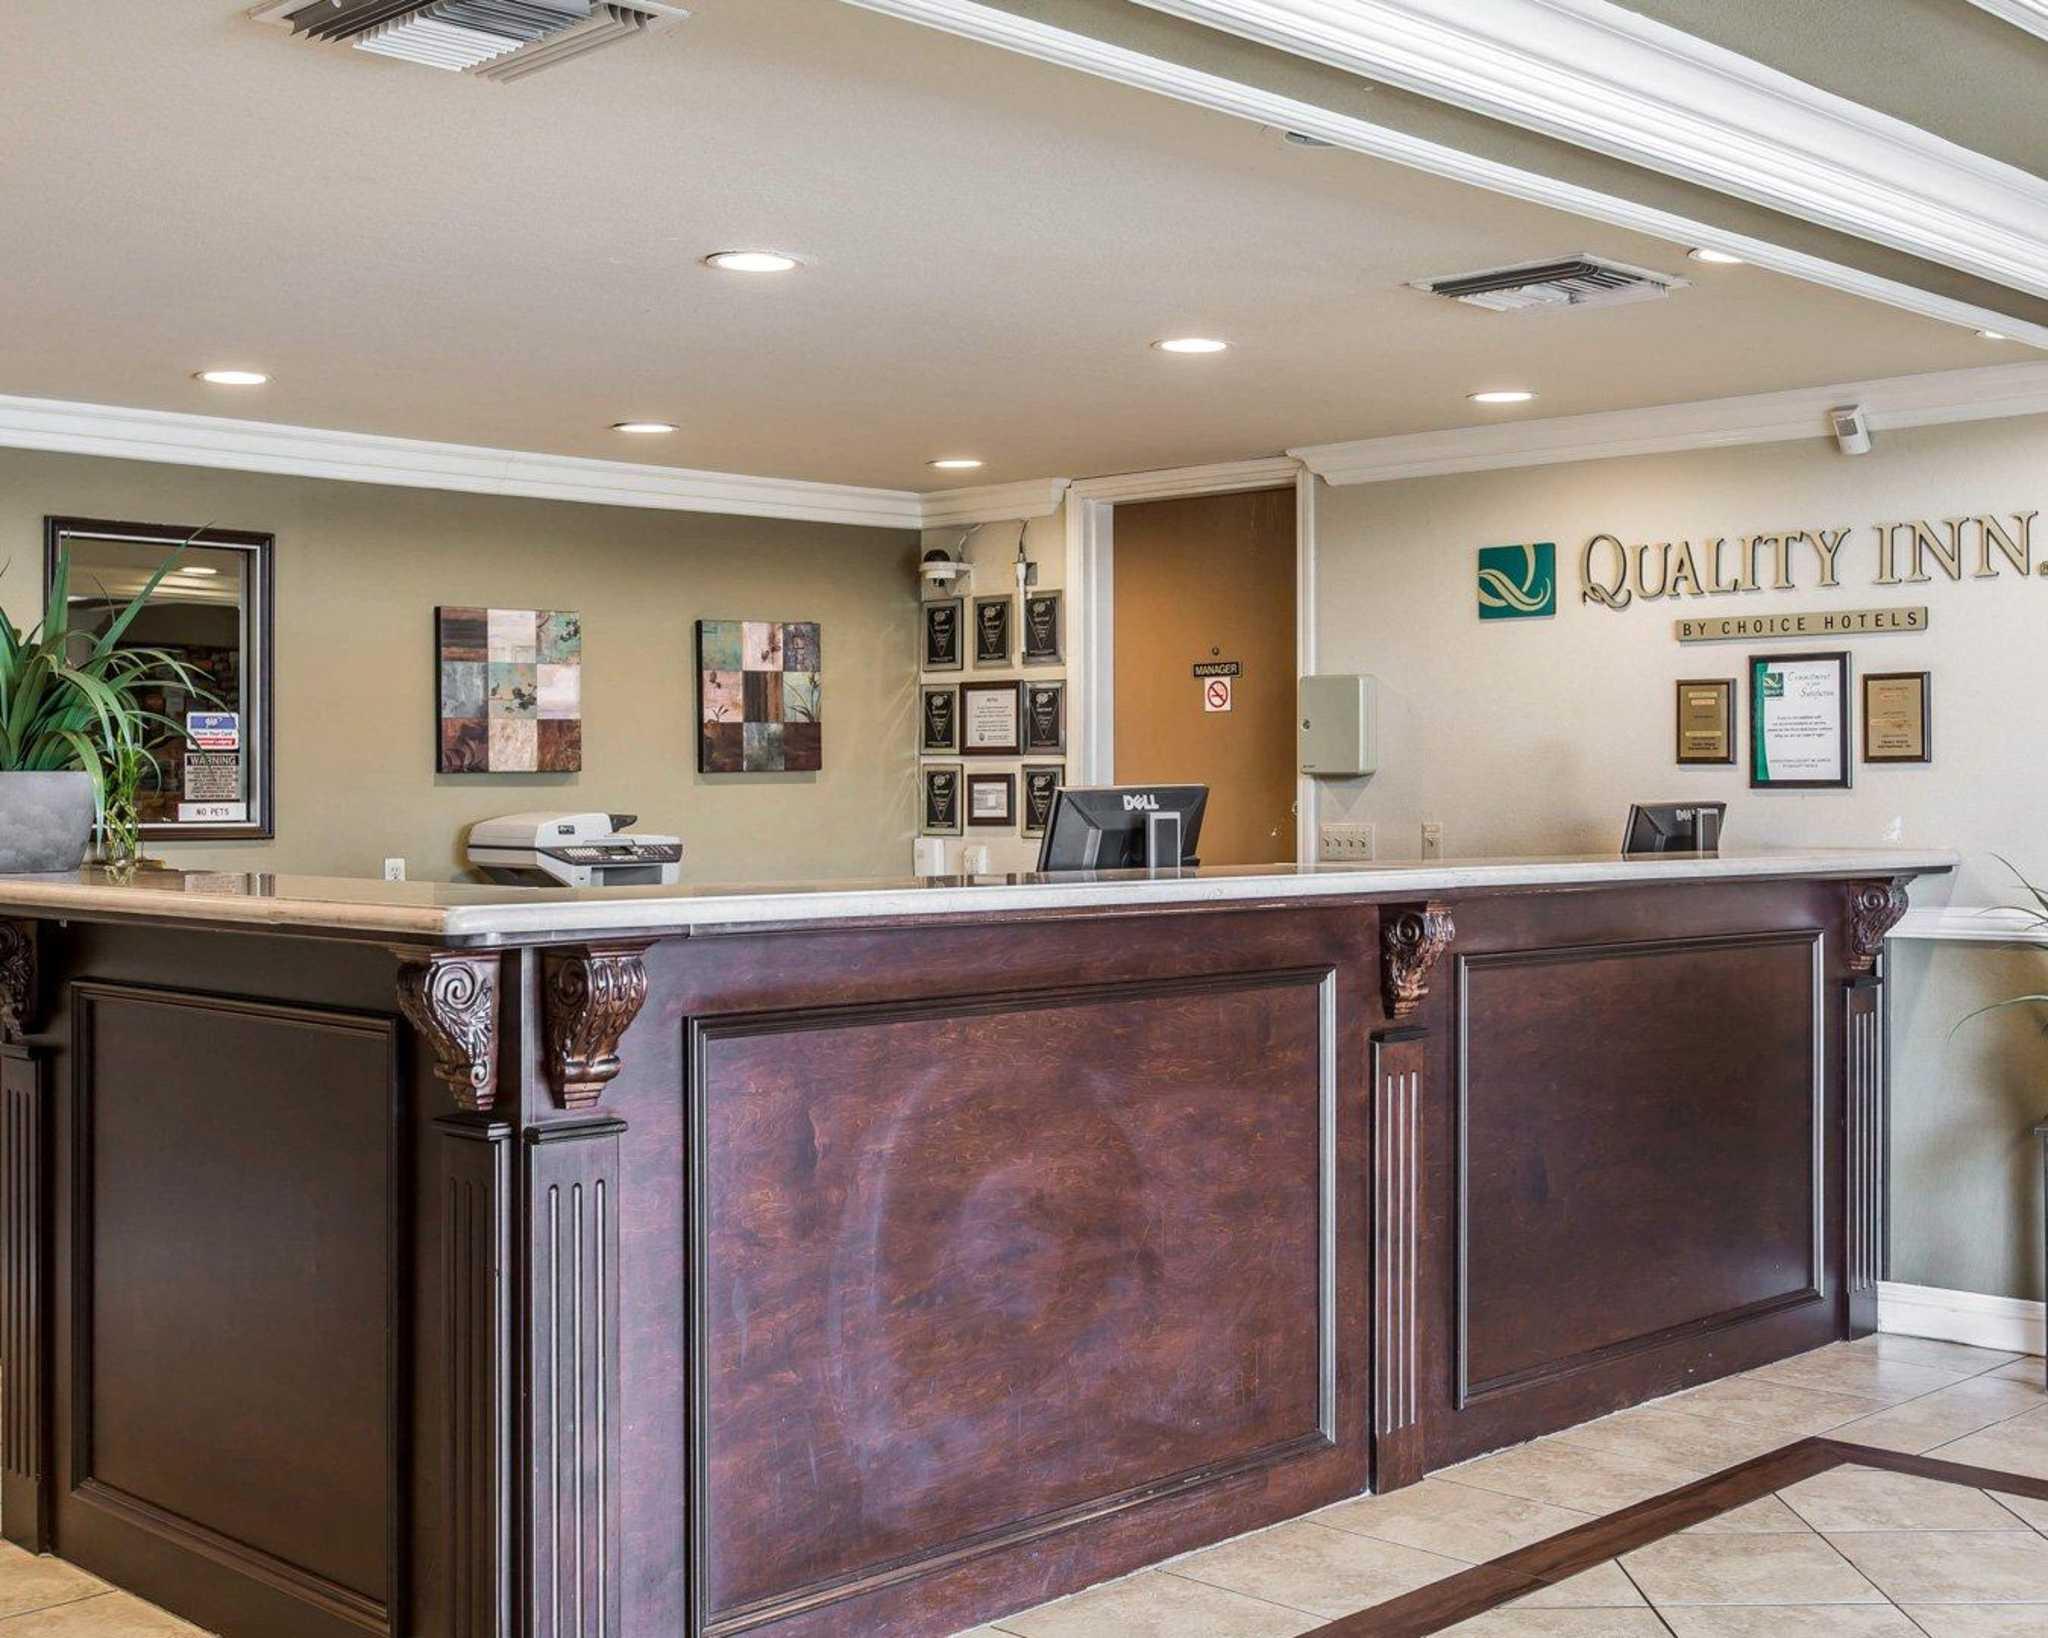 Quality Inn Long Beach Airport image 17